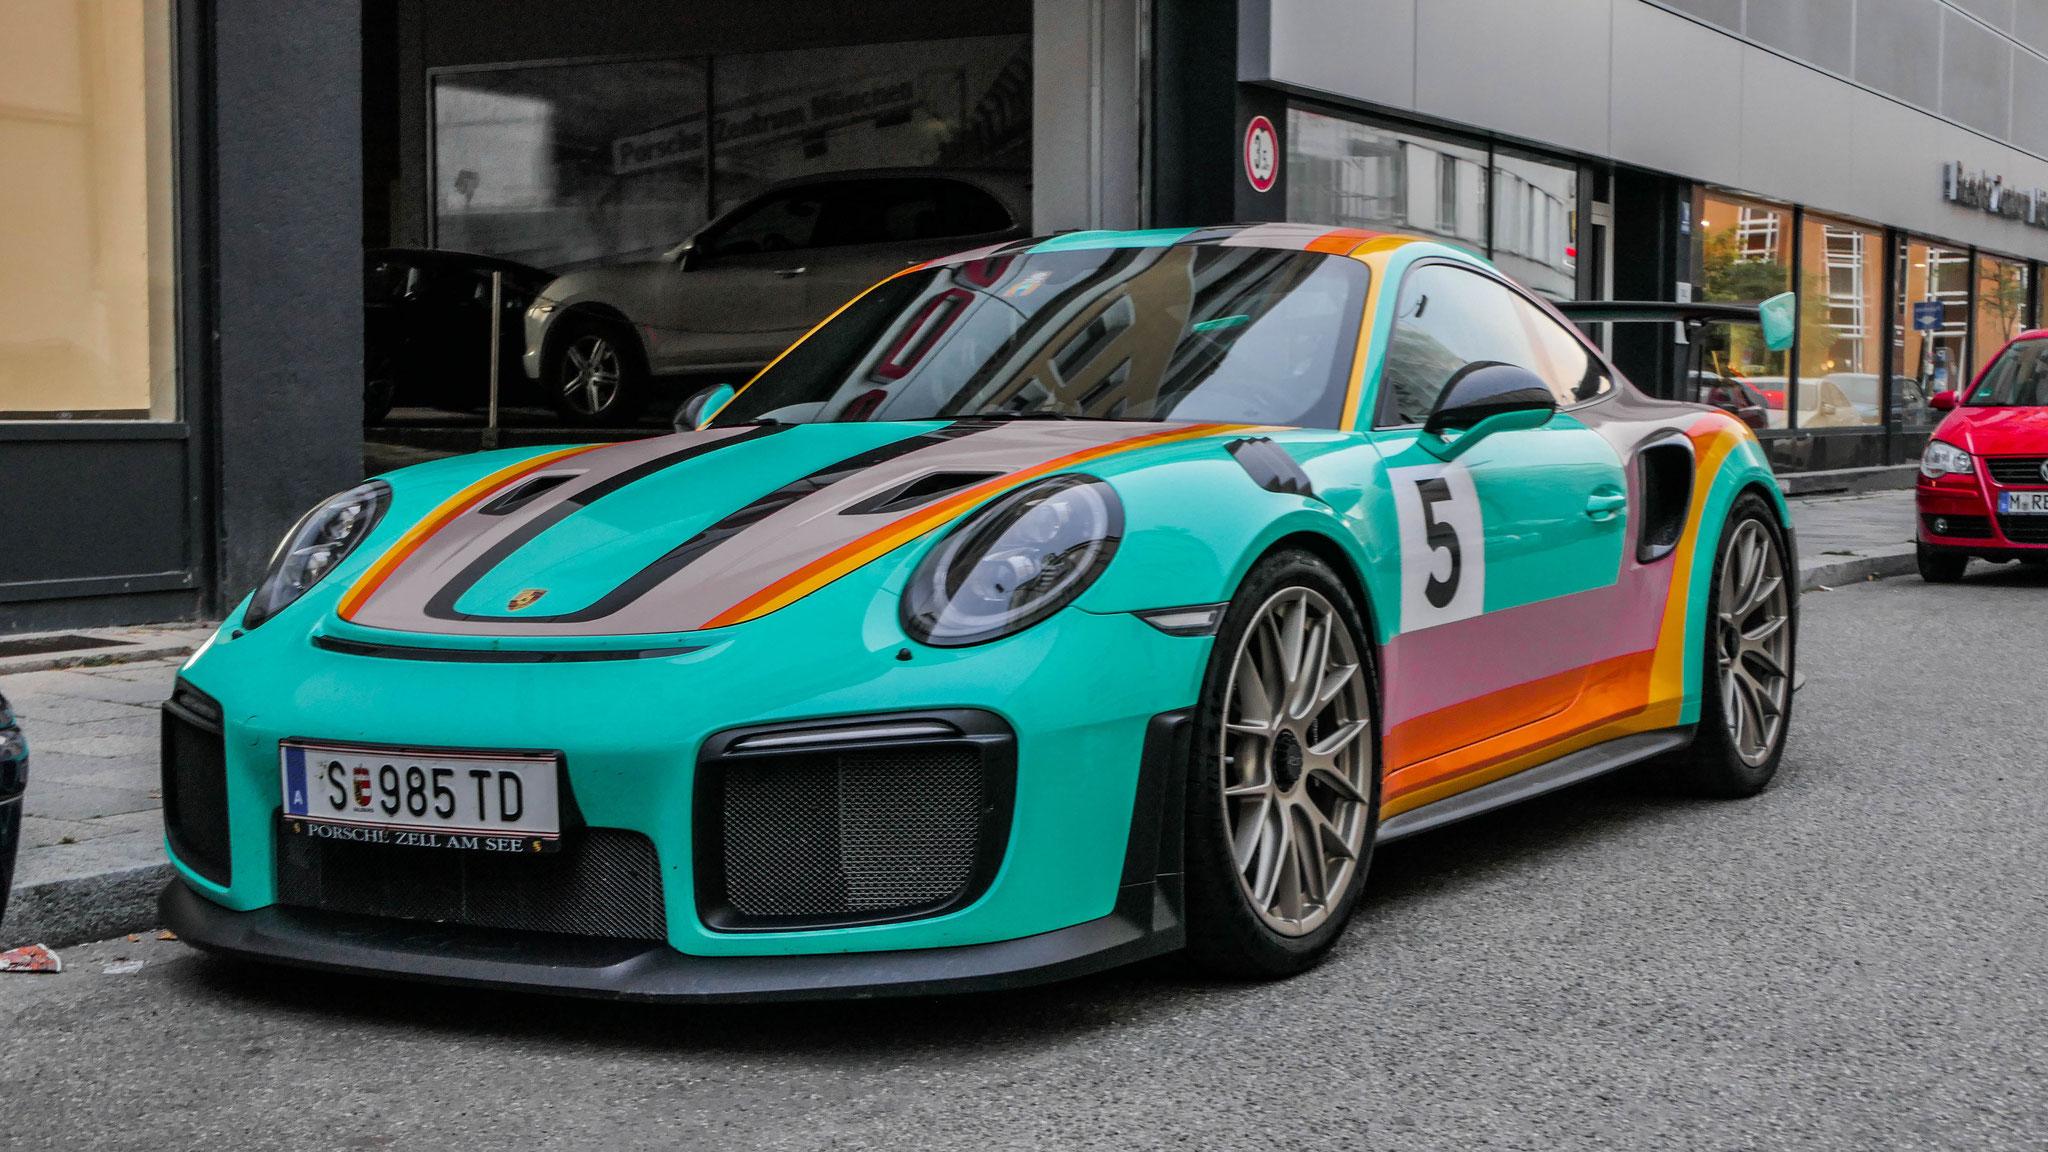 Porsche 911 GT2 RS - S-985-TD (AUT)